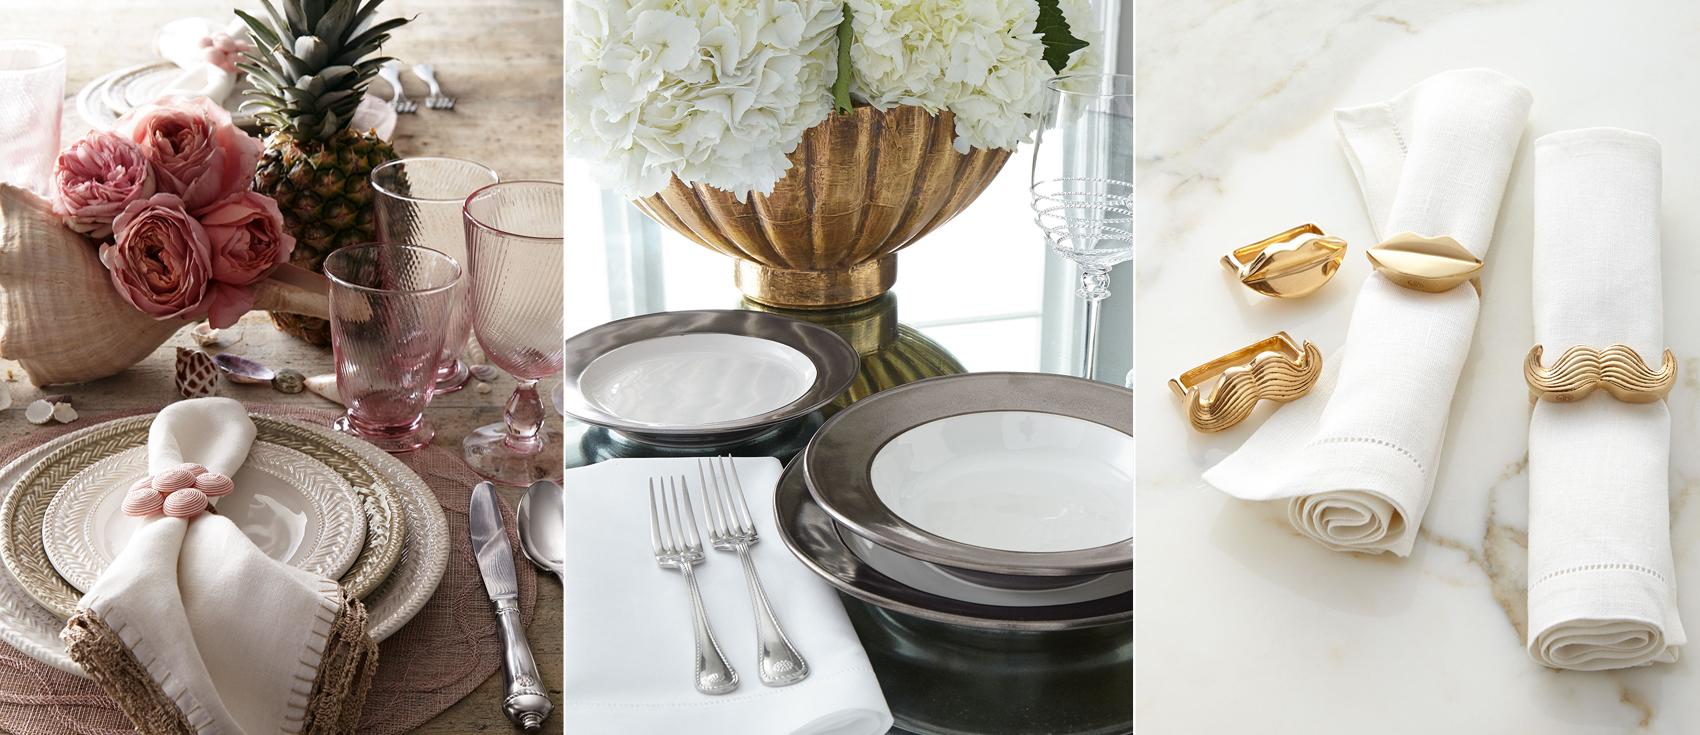 Tabletop, Dinnerware & Serveware